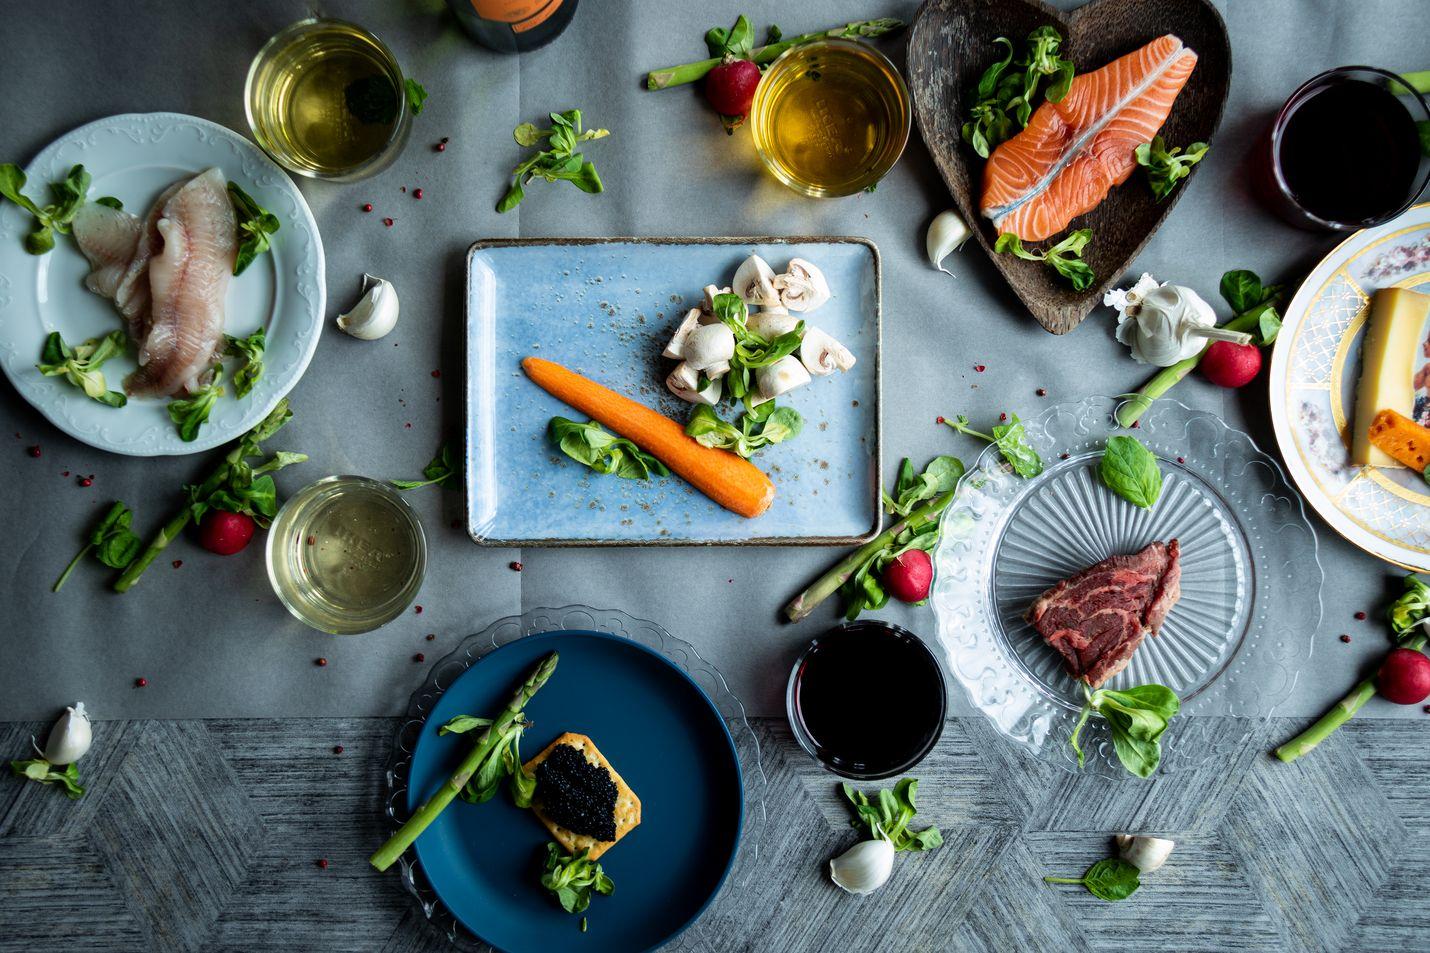 Kokeile estottomasti esimerkiksi pehmeää ja vähätanniinista Pinot noir -rypäleestä valmistettua punaviiniä kasvisten, kalan ja kanan kanssa tai itävaltalaista Grüner veltlaineria possunfileen kera. Kuohuviini sopii melkein kaikelle ja roseekin yllättävän monelle ruoalle.